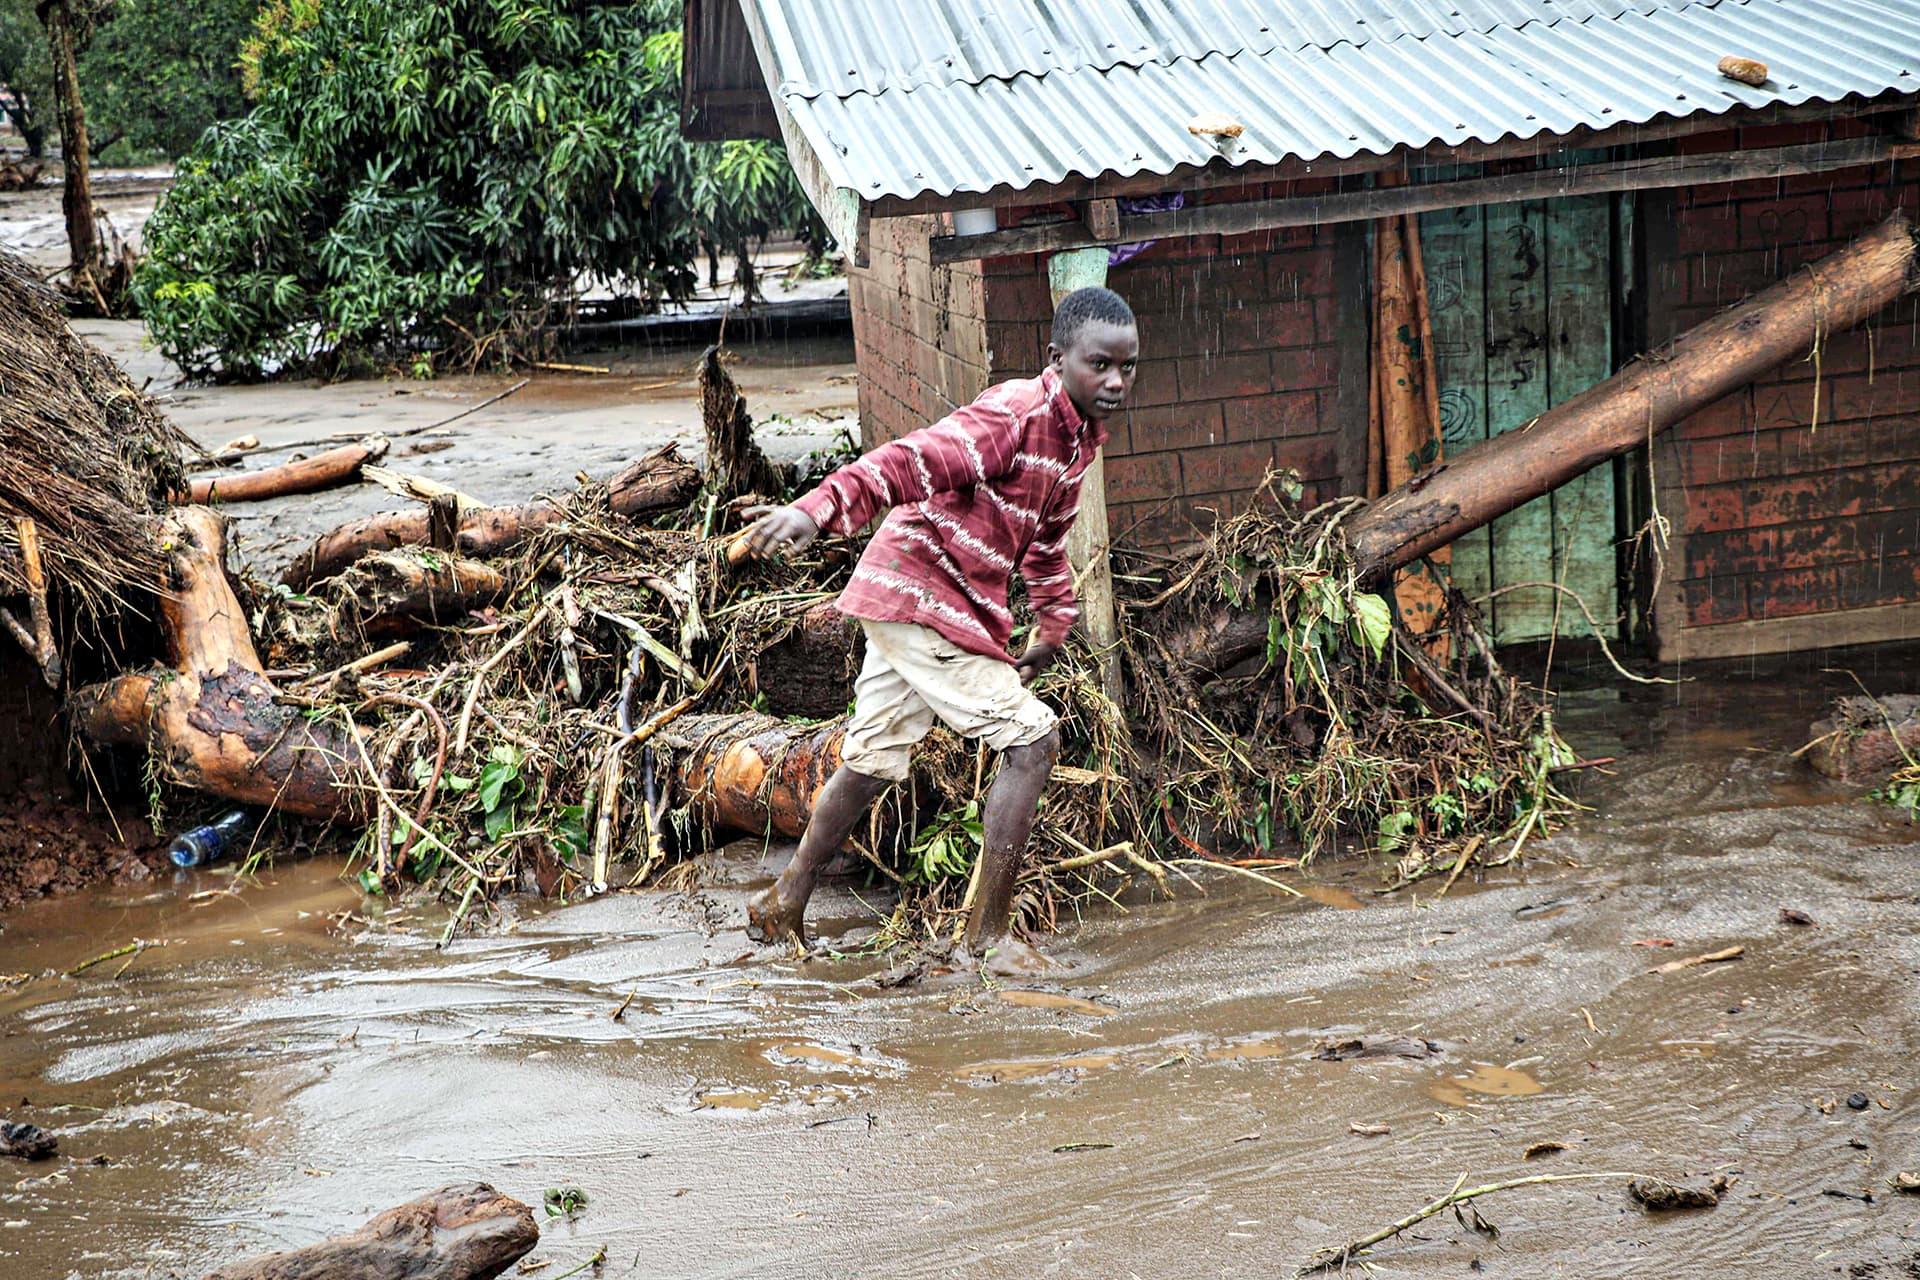 Poika kävelee tulvivassa Paruan kylässä Keniassa 24. marraskuuta.